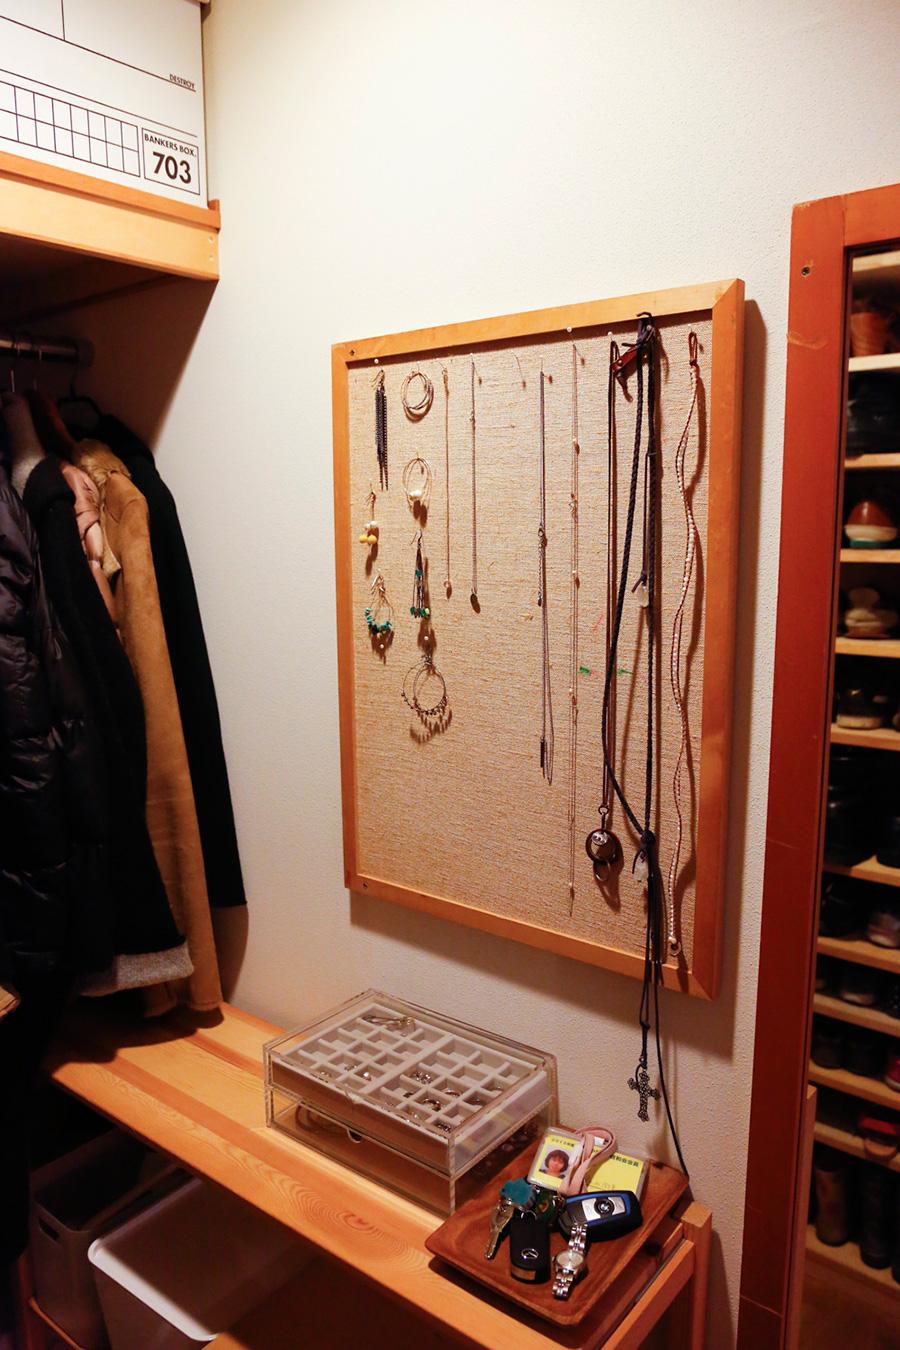 ロングネックレスはコルクボードとピンで。その日の服に合わせてひと目で選べる。無印良品のクリアケースも愛用。